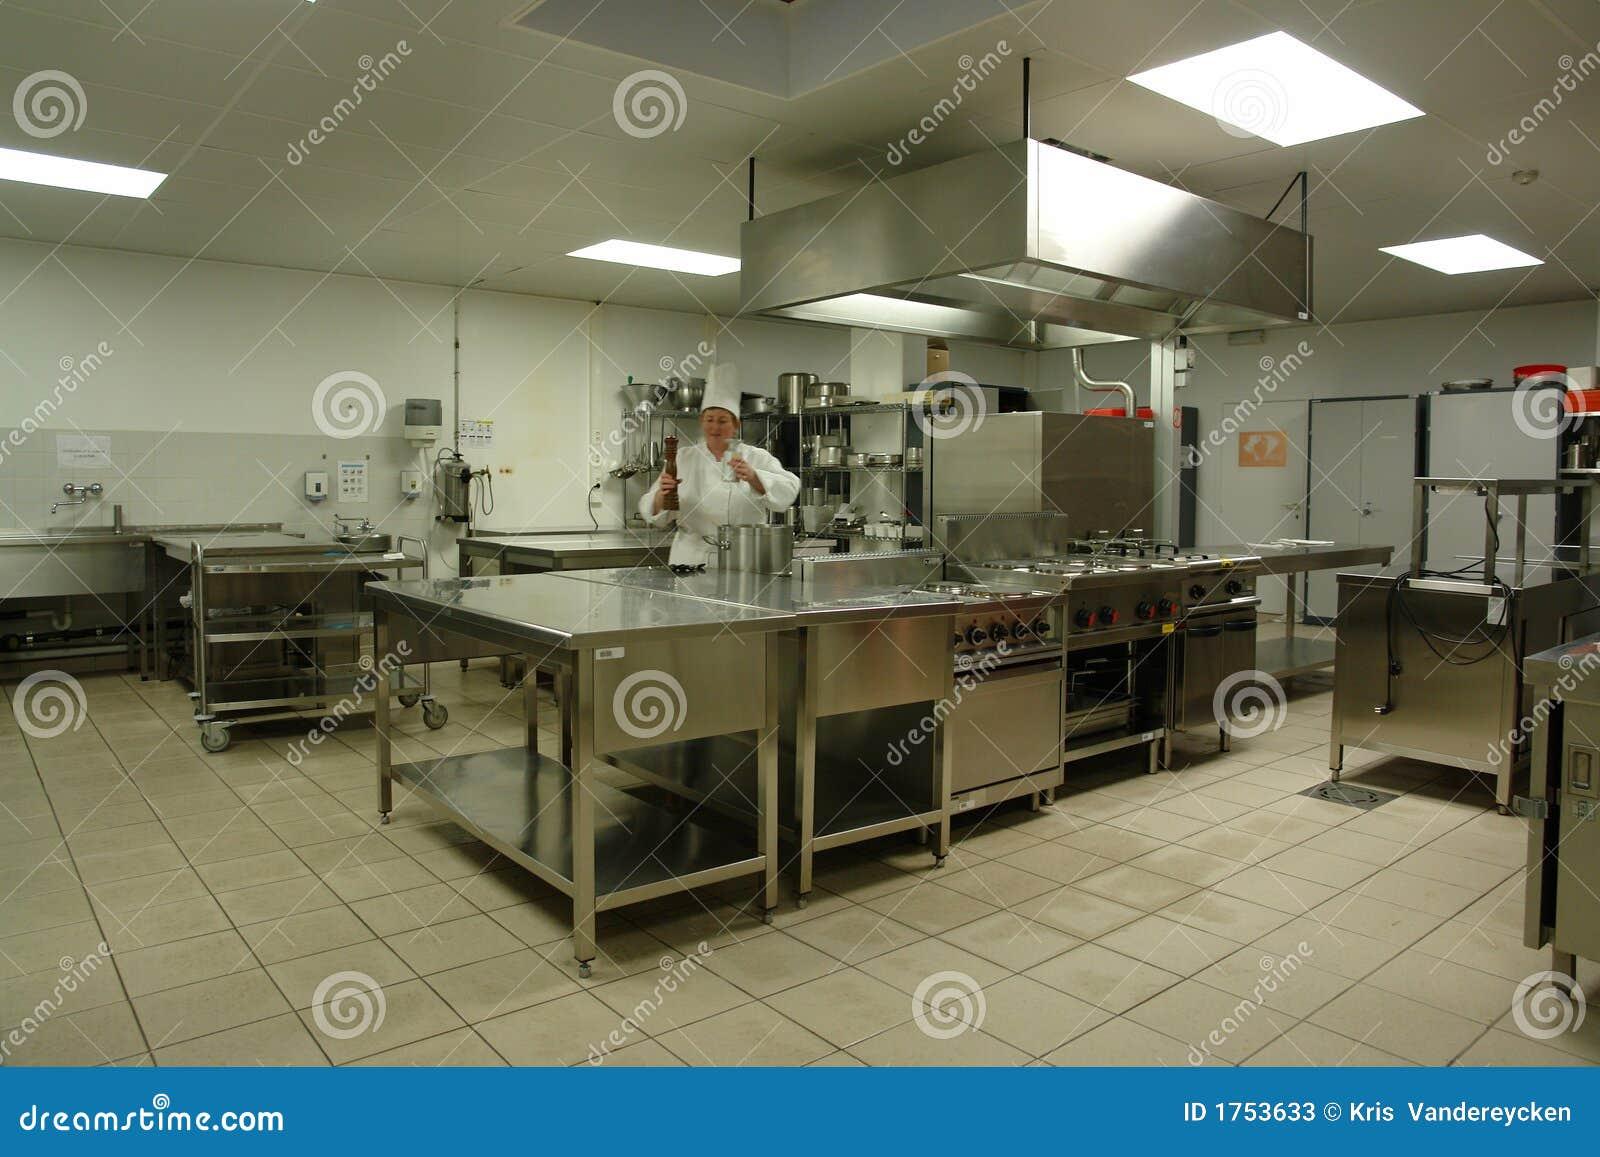 Cucina Professionale Con Il Cuoco Del Cuoco Unico Fotografie Stock - Immagine: 1753633